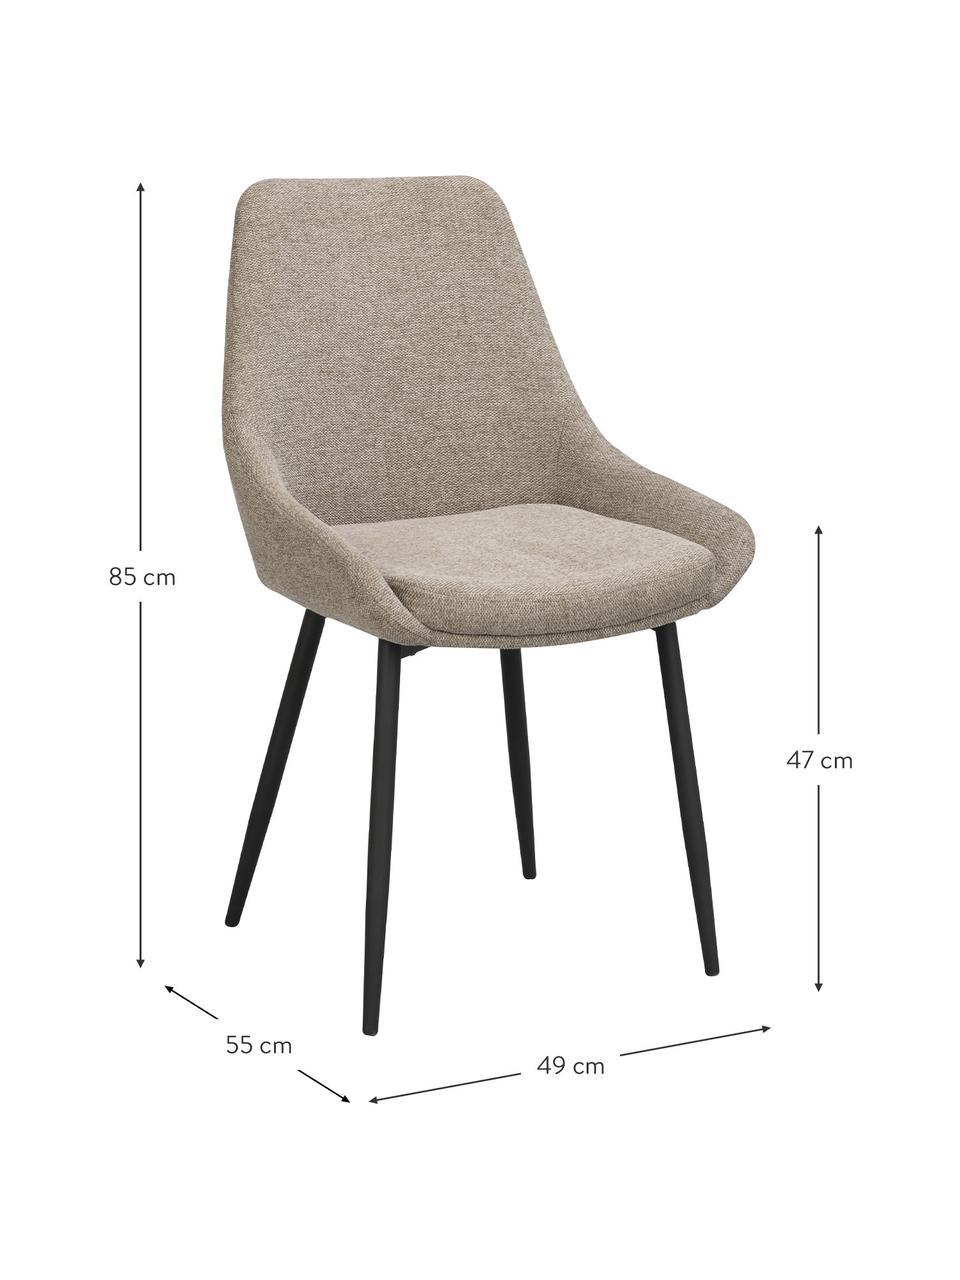 Krzesło tapicerowane Sierra, 2 szt., Tapicerka: 100% poliester, Nogi: metal malowany proszkowo, Beżowy, S 49 x G 55 cm